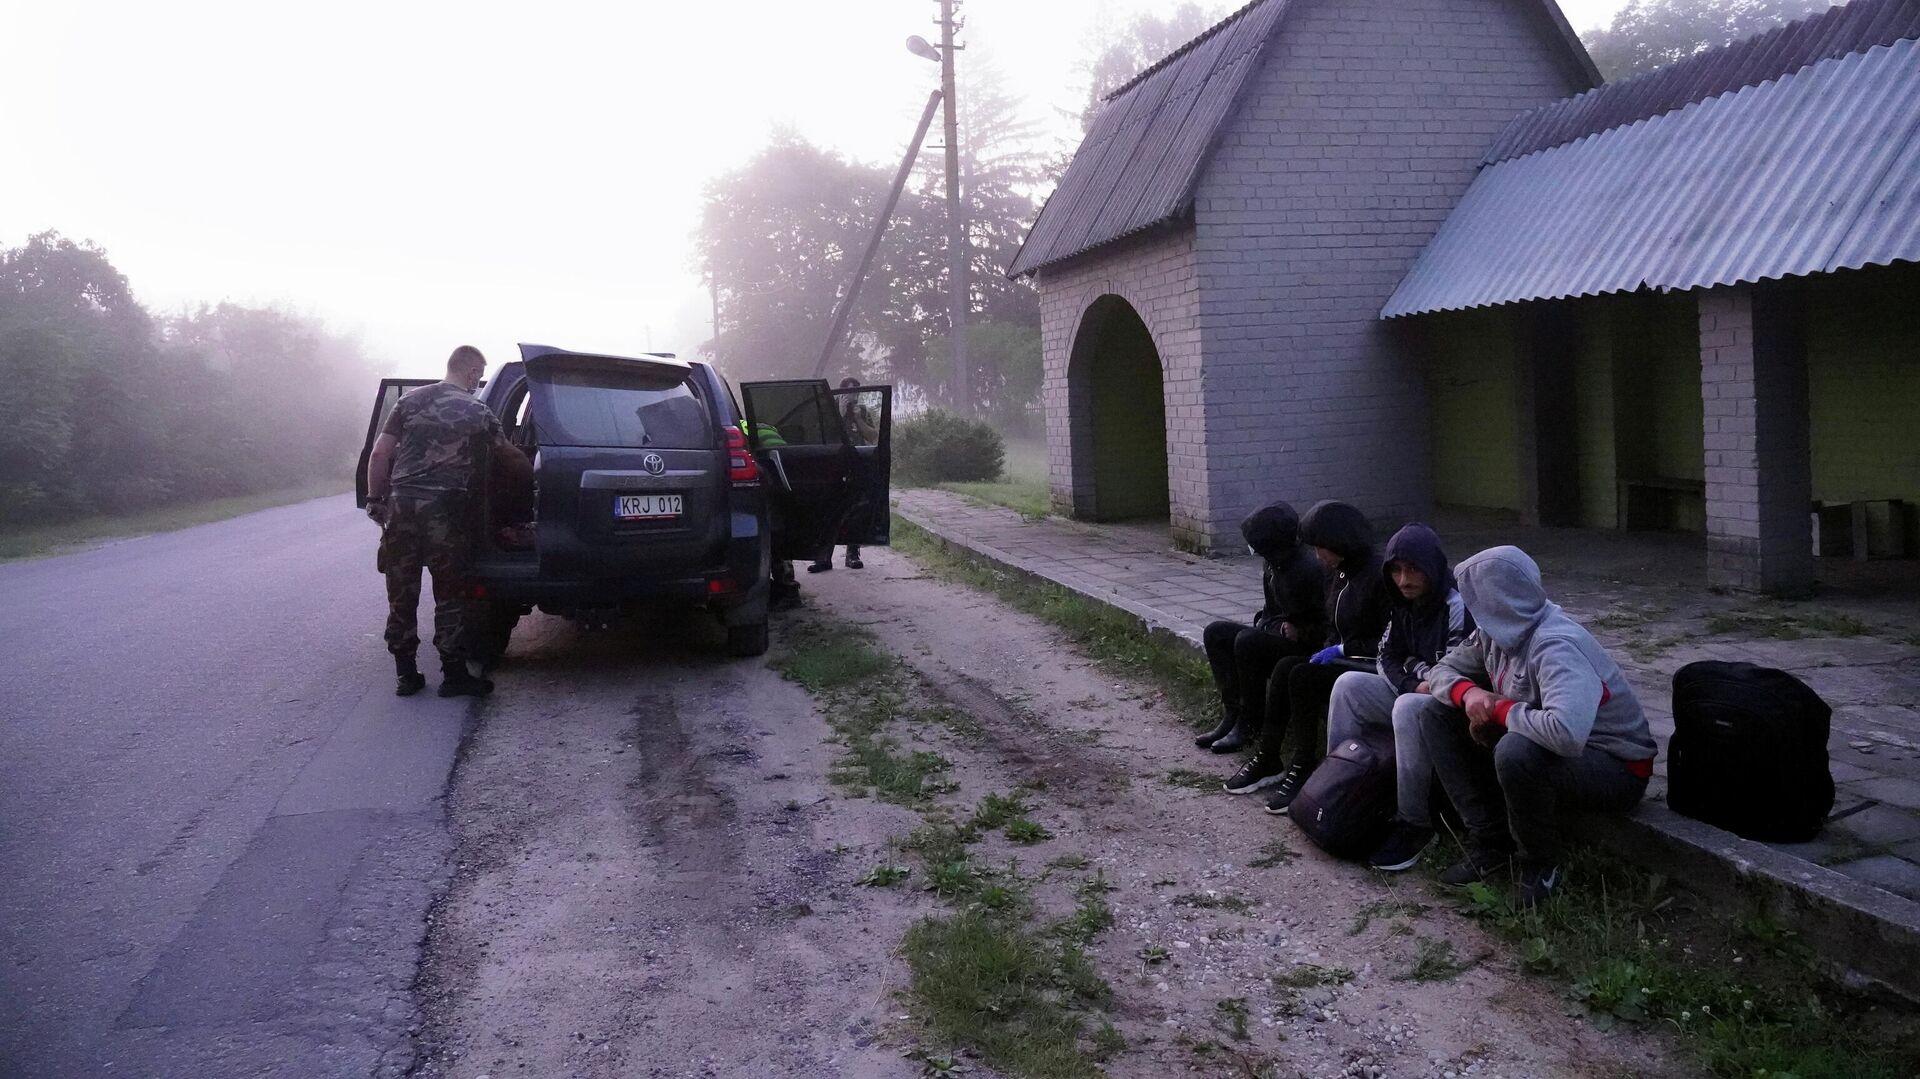 Литовские пограничники задерживают мигрантов на литовско-белорусской границе в Калвяе - РИА Новости, 1920, 09.07.2021